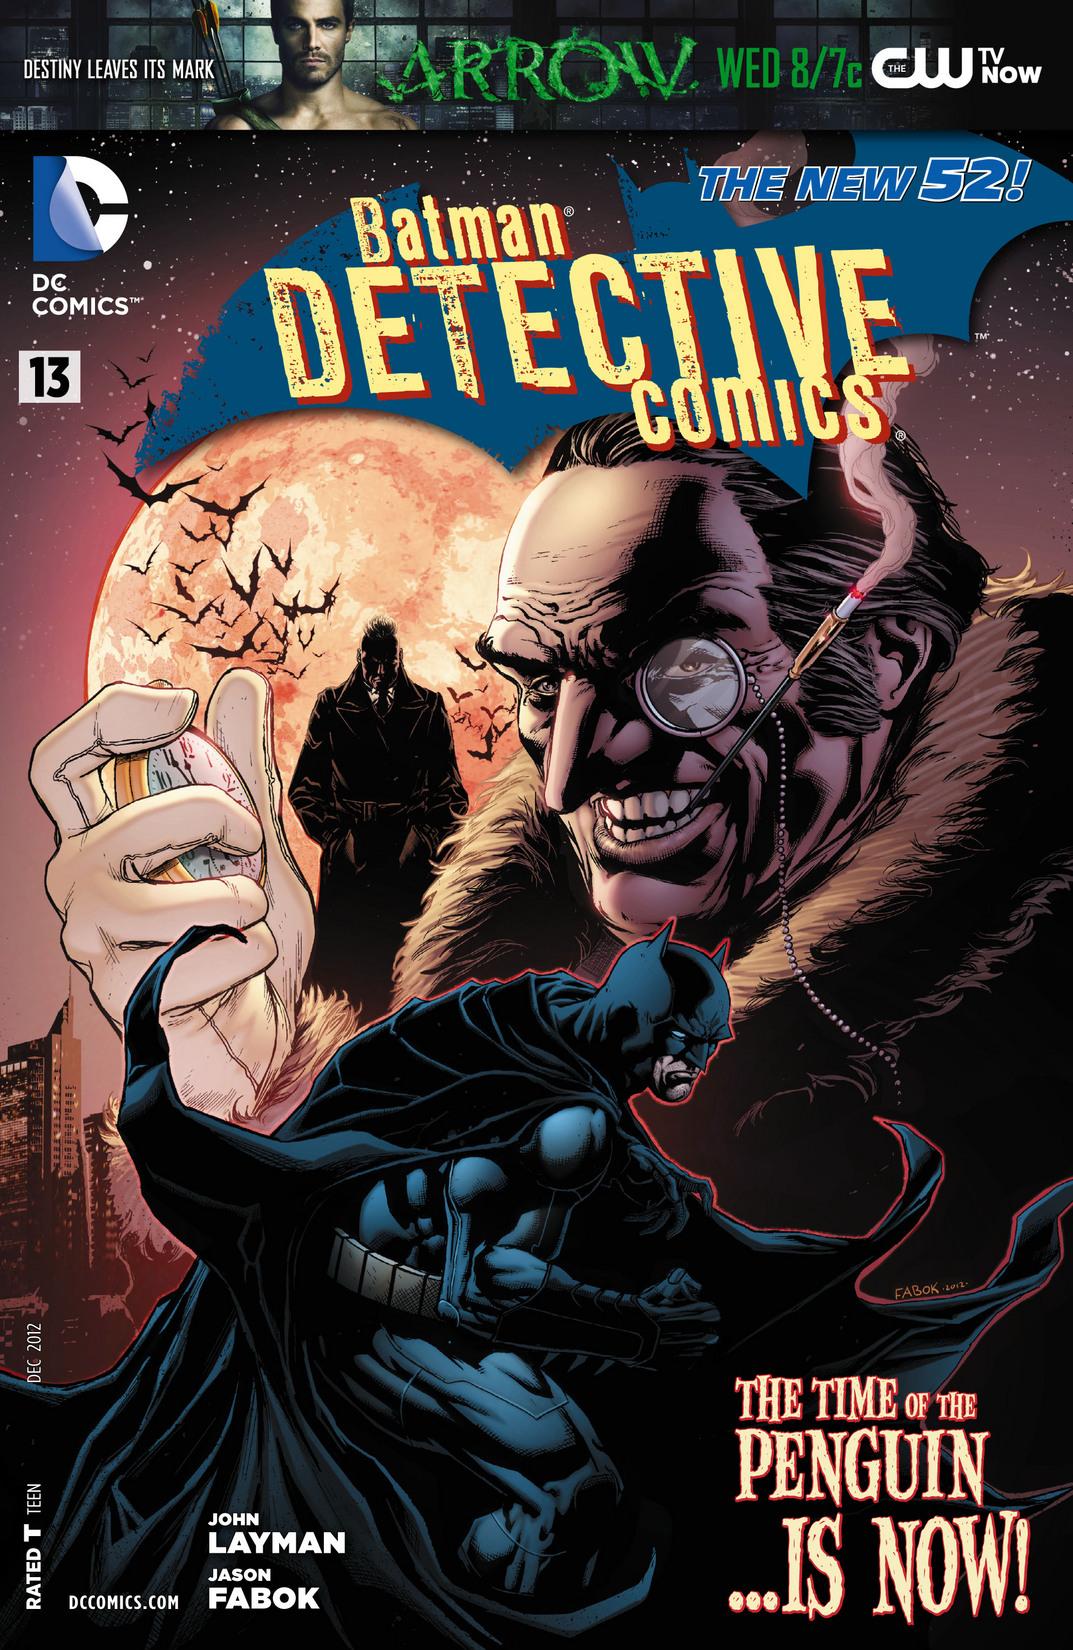 Detective Comics Vol 2 13